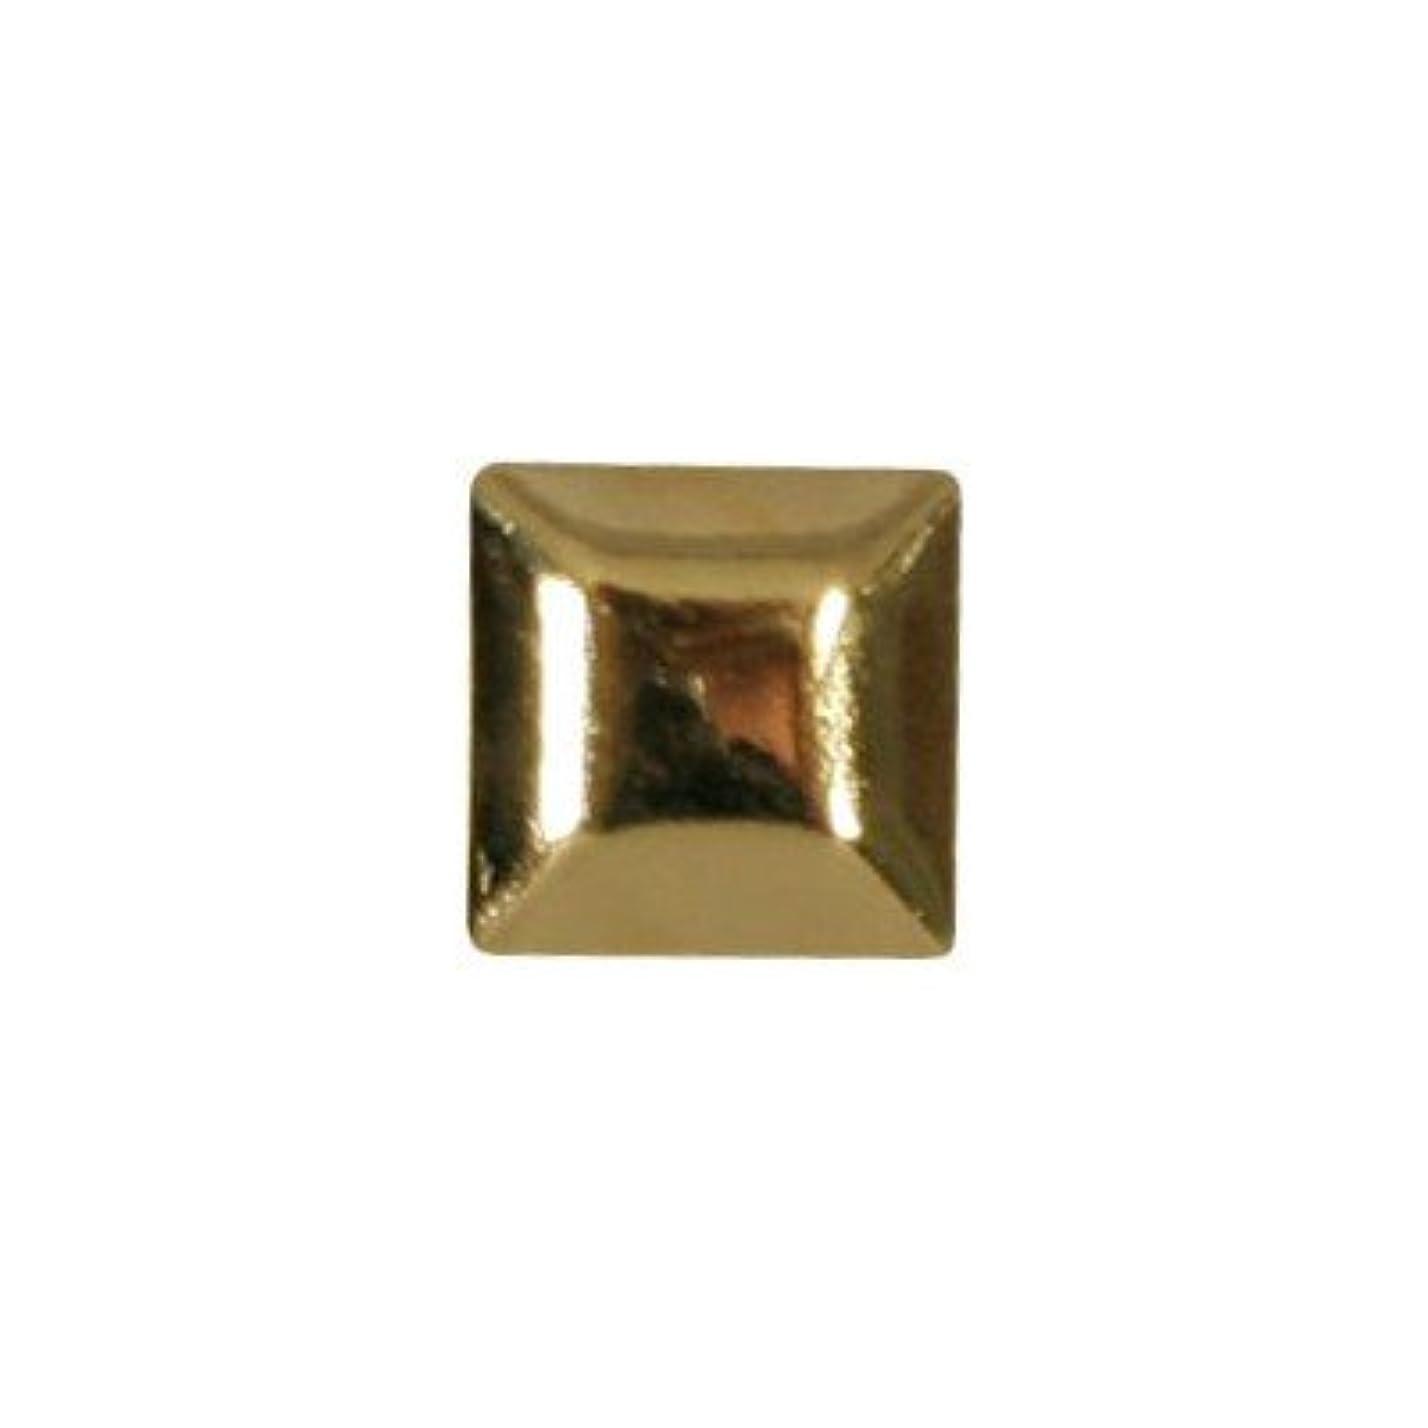 規制する脇に小さいピアドラ スタッズ メタルスクエア 4mm 30P ゴールド